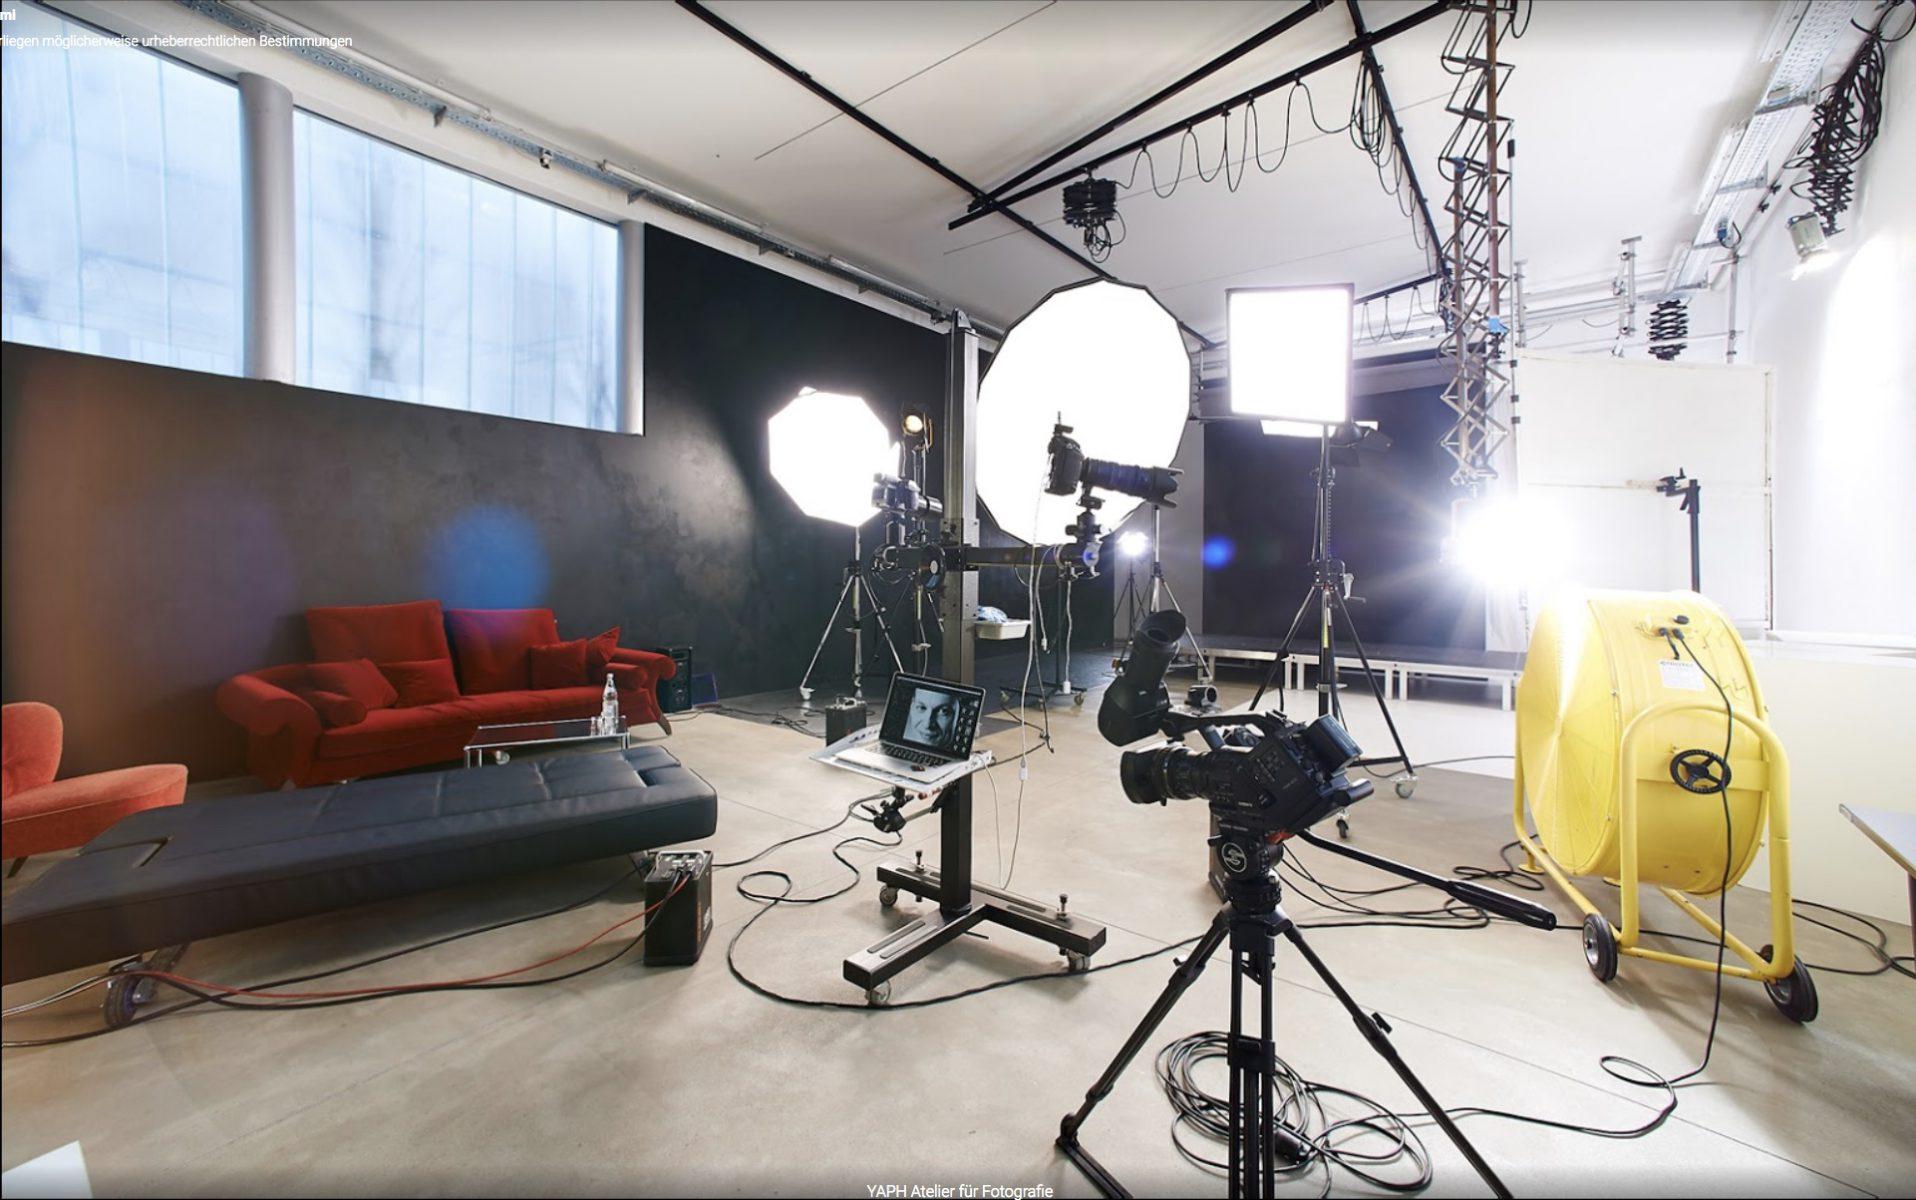 Atelier Yaph Innenansicht, Sudio 140 qm 5 m Deckenhöhe